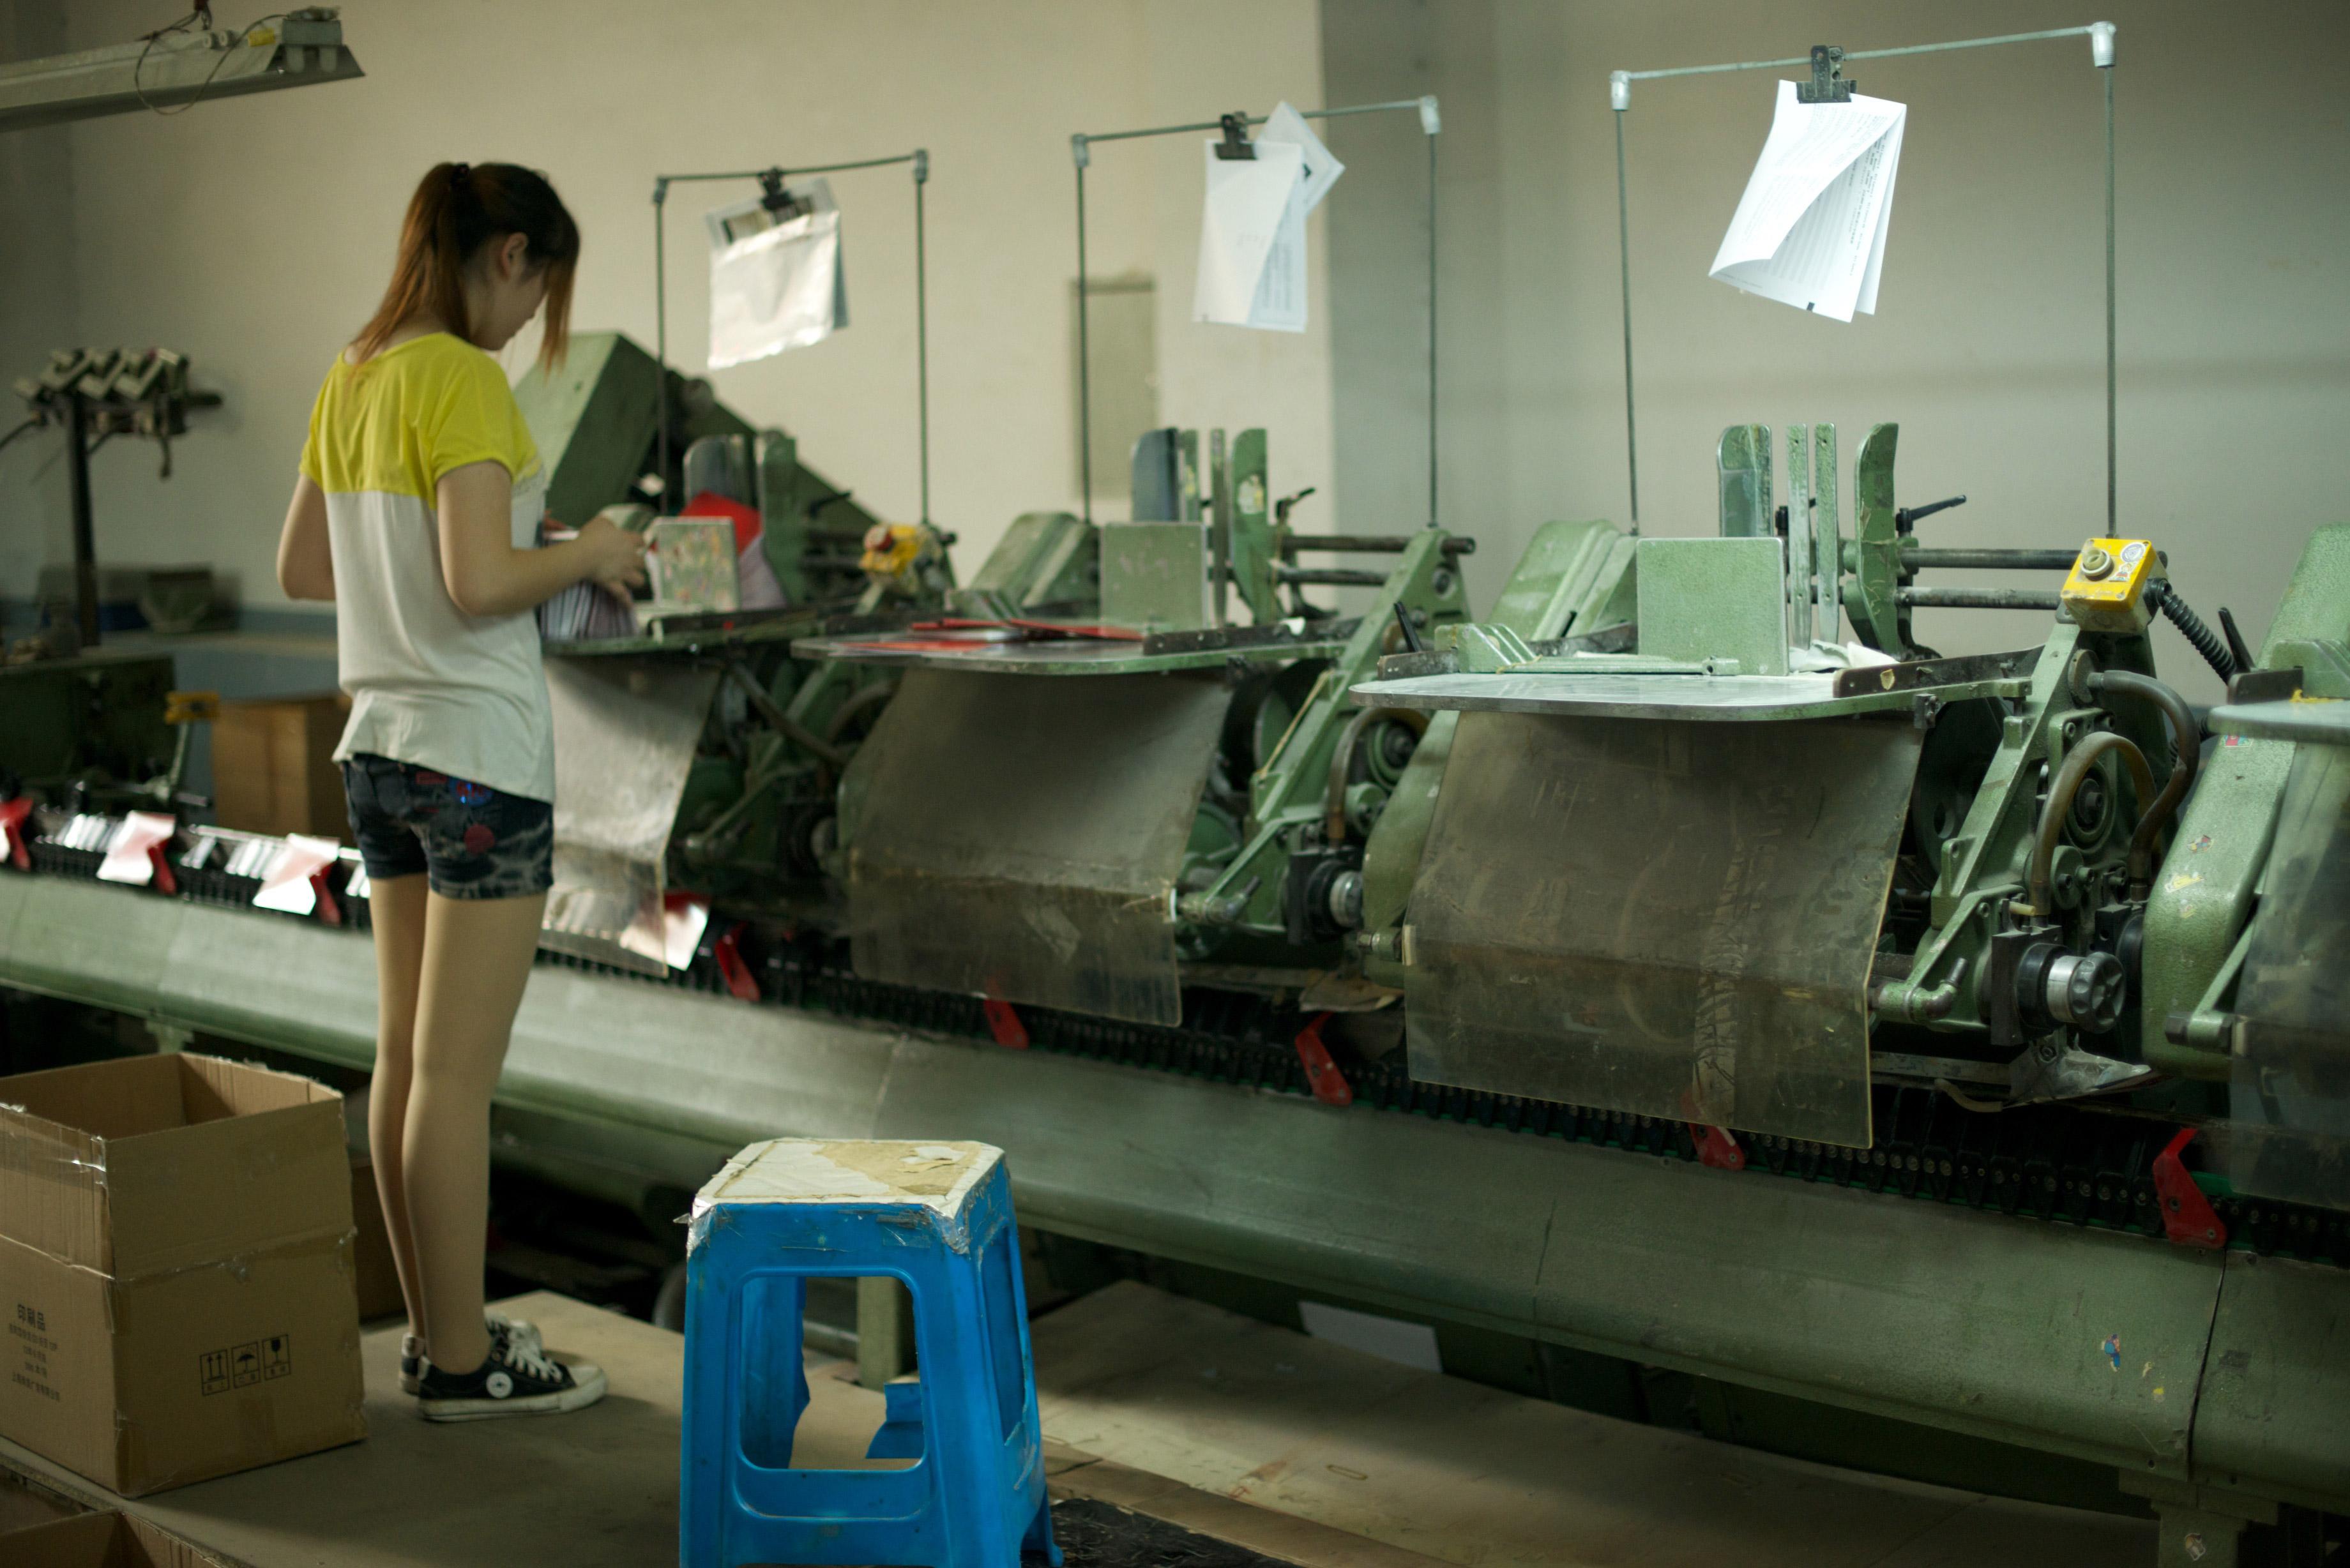 staple machine for binding